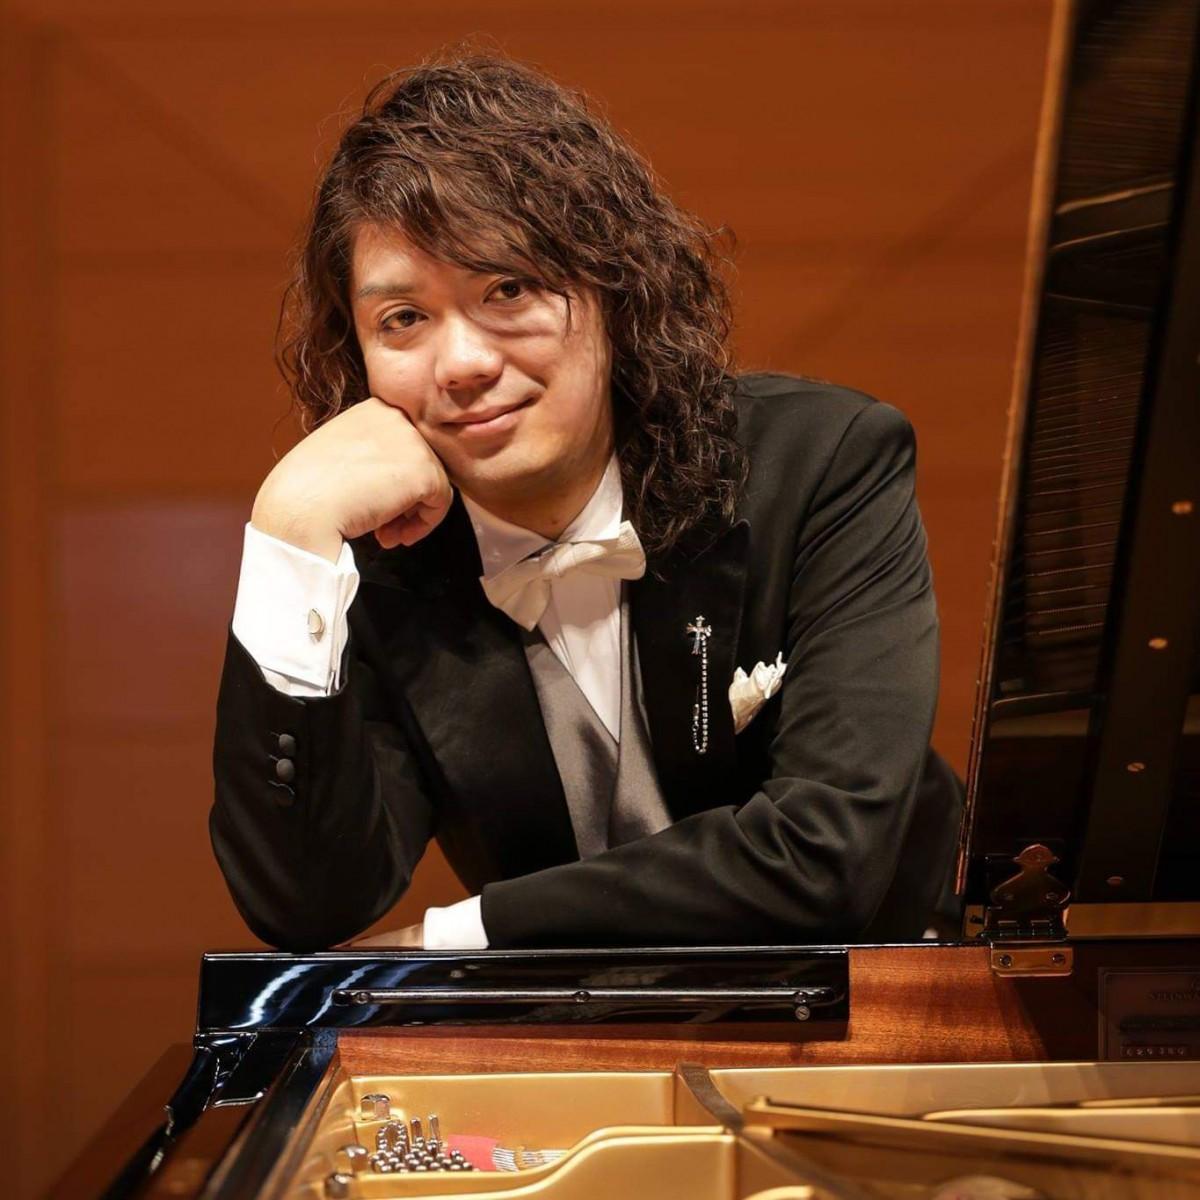 ピアニスト・作曲家の山田隆広さん